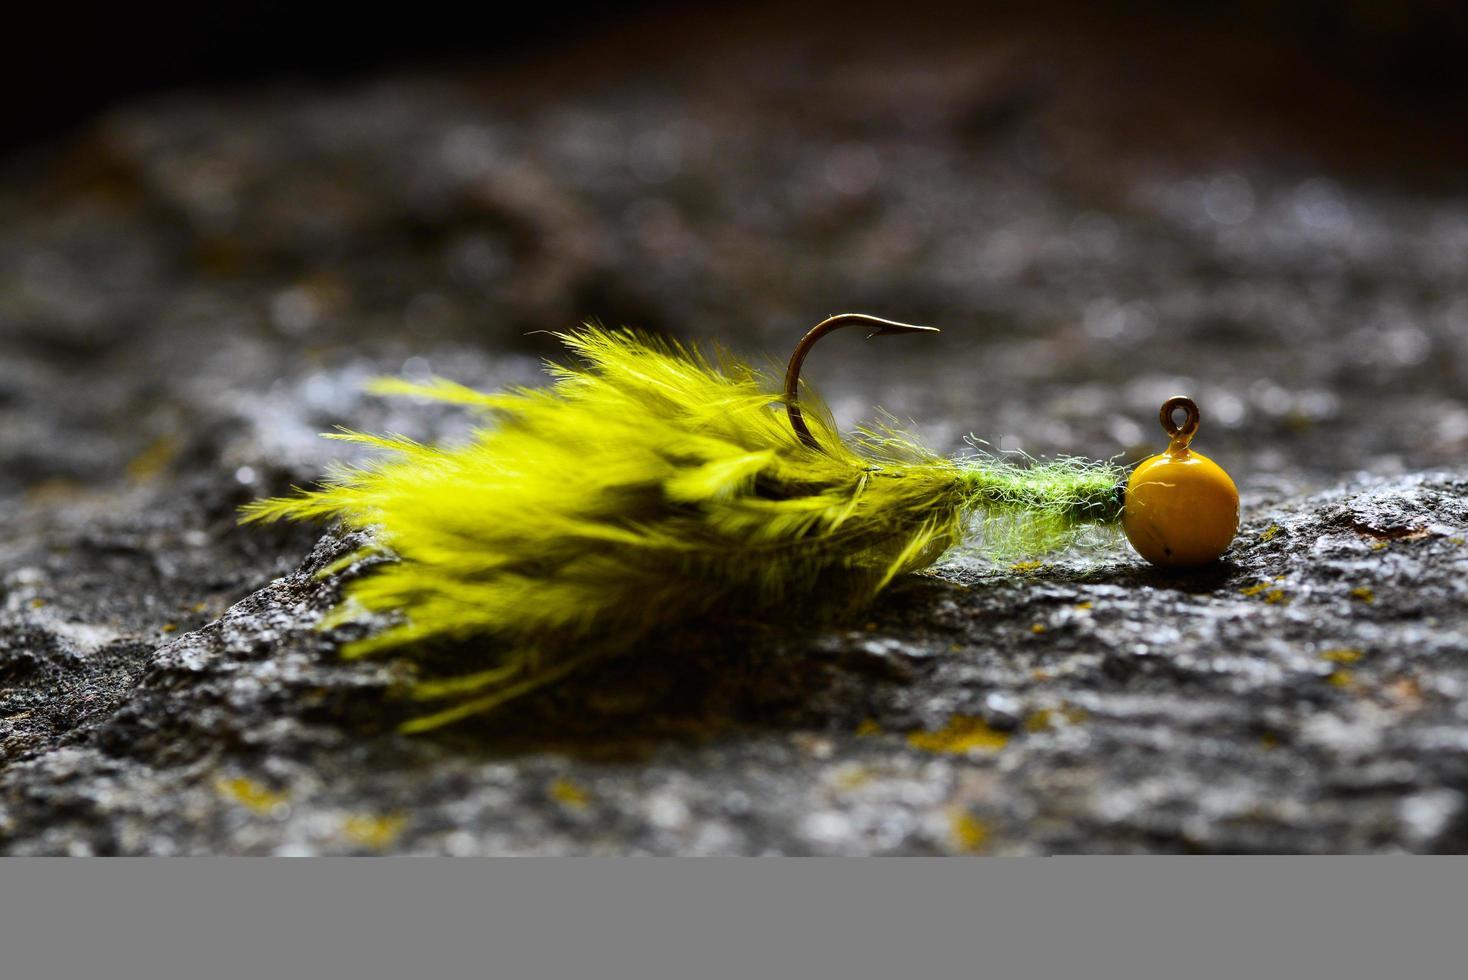 Marabout jig jig vert-jaune fait de plumes sur pierre grise photo